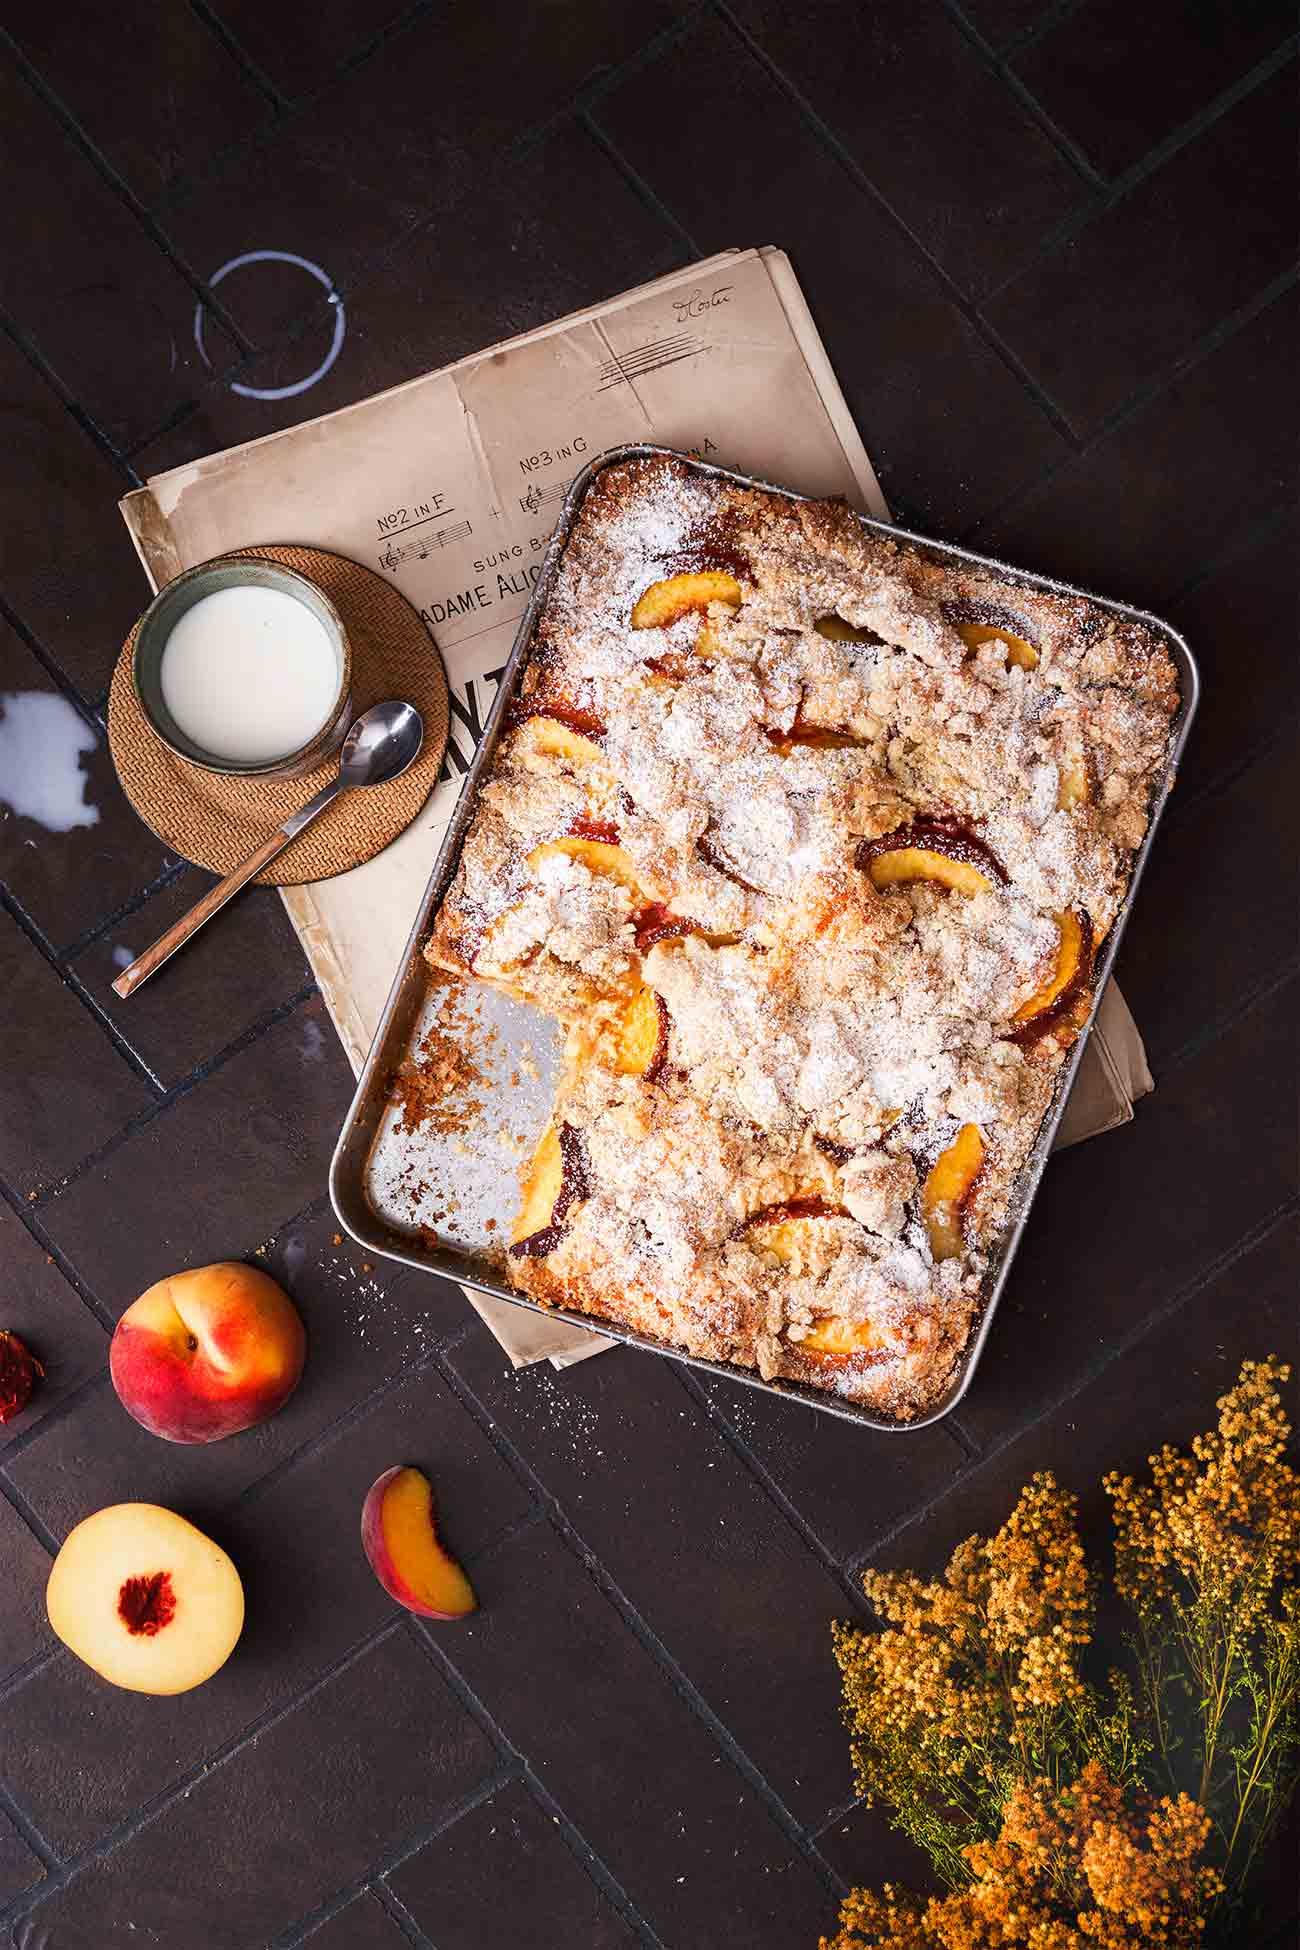 Pfirsich und Passionsfrucht. Was für eine Kombination. Hey, es ist Sommer! Man muss kein erfahrener Bäcker sein, um diesen köstlich einfachen Blechkuchen zu backen. Minimaler Aufwand. Ich liebe ihn noch lauwarm mit einer Kugel Eis oder einem Klecks Vanillesoße.